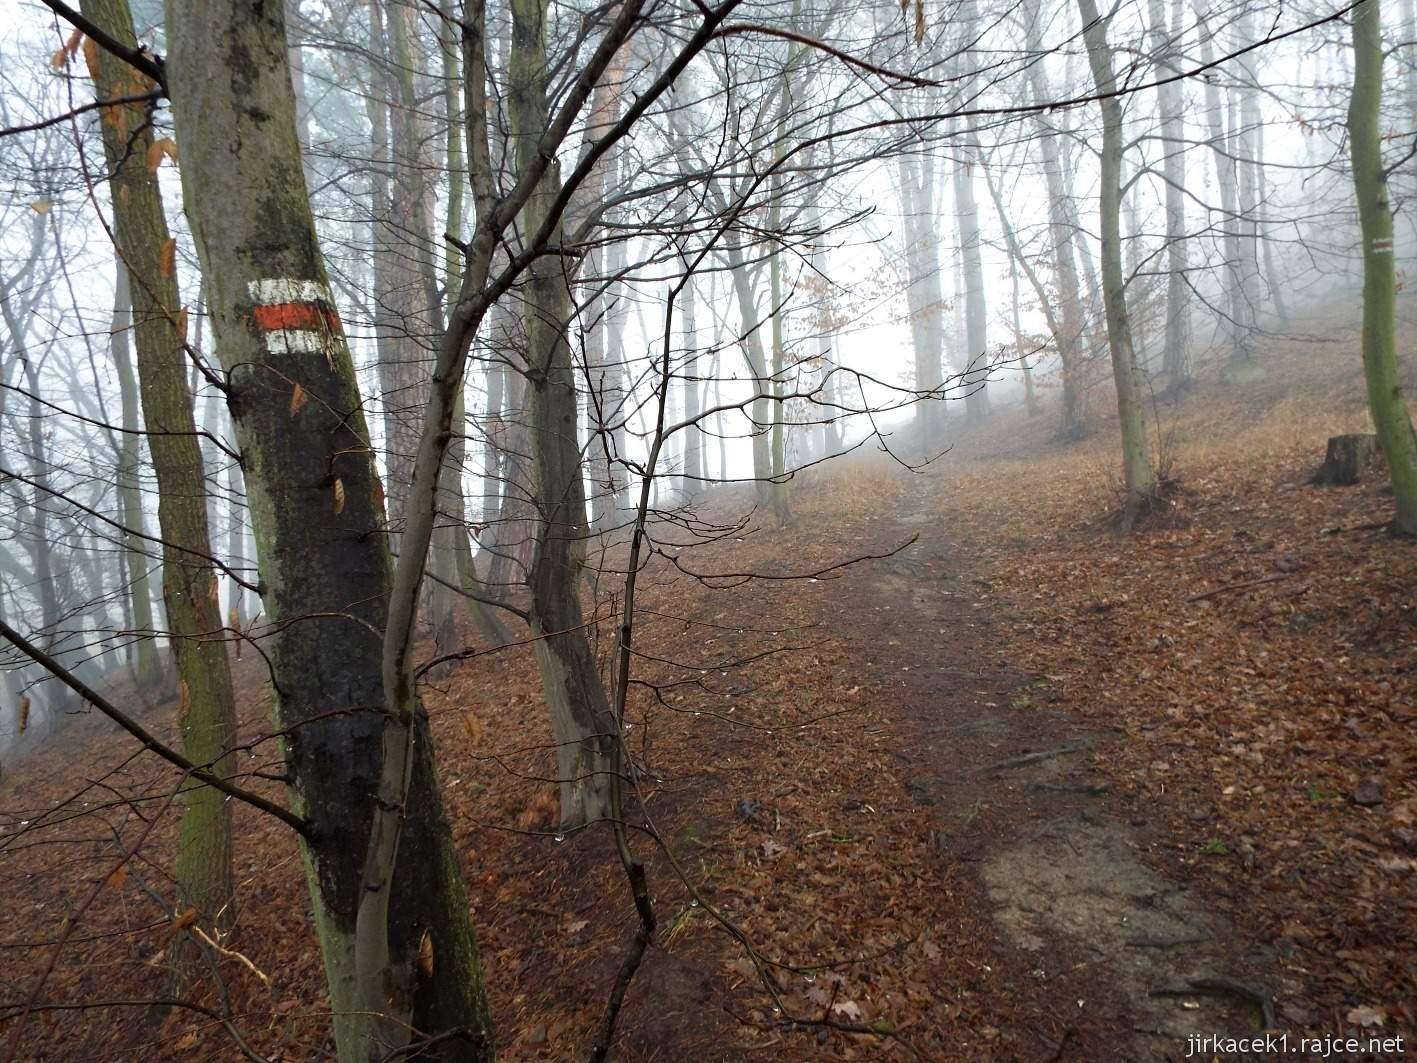 009 - Stezka u druhé keše - zde na nás pršelo ze stromů